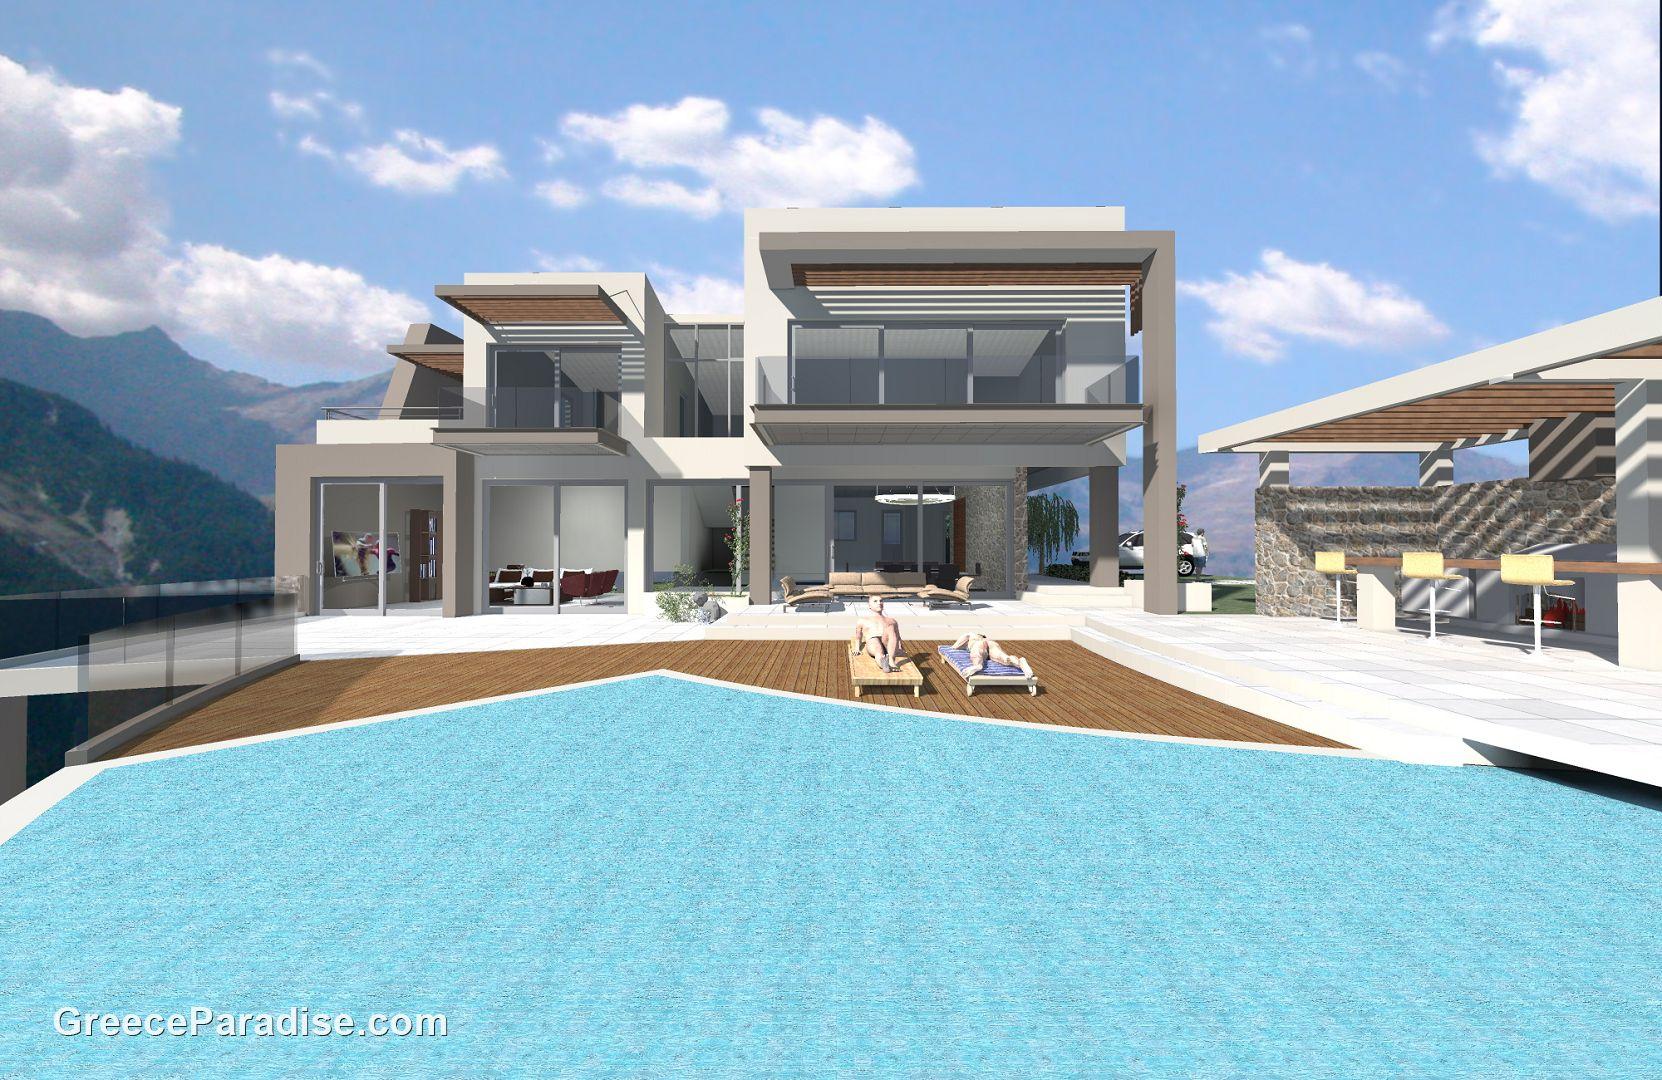 Projet de construction p p 0330 greece paradise for Projet de construction